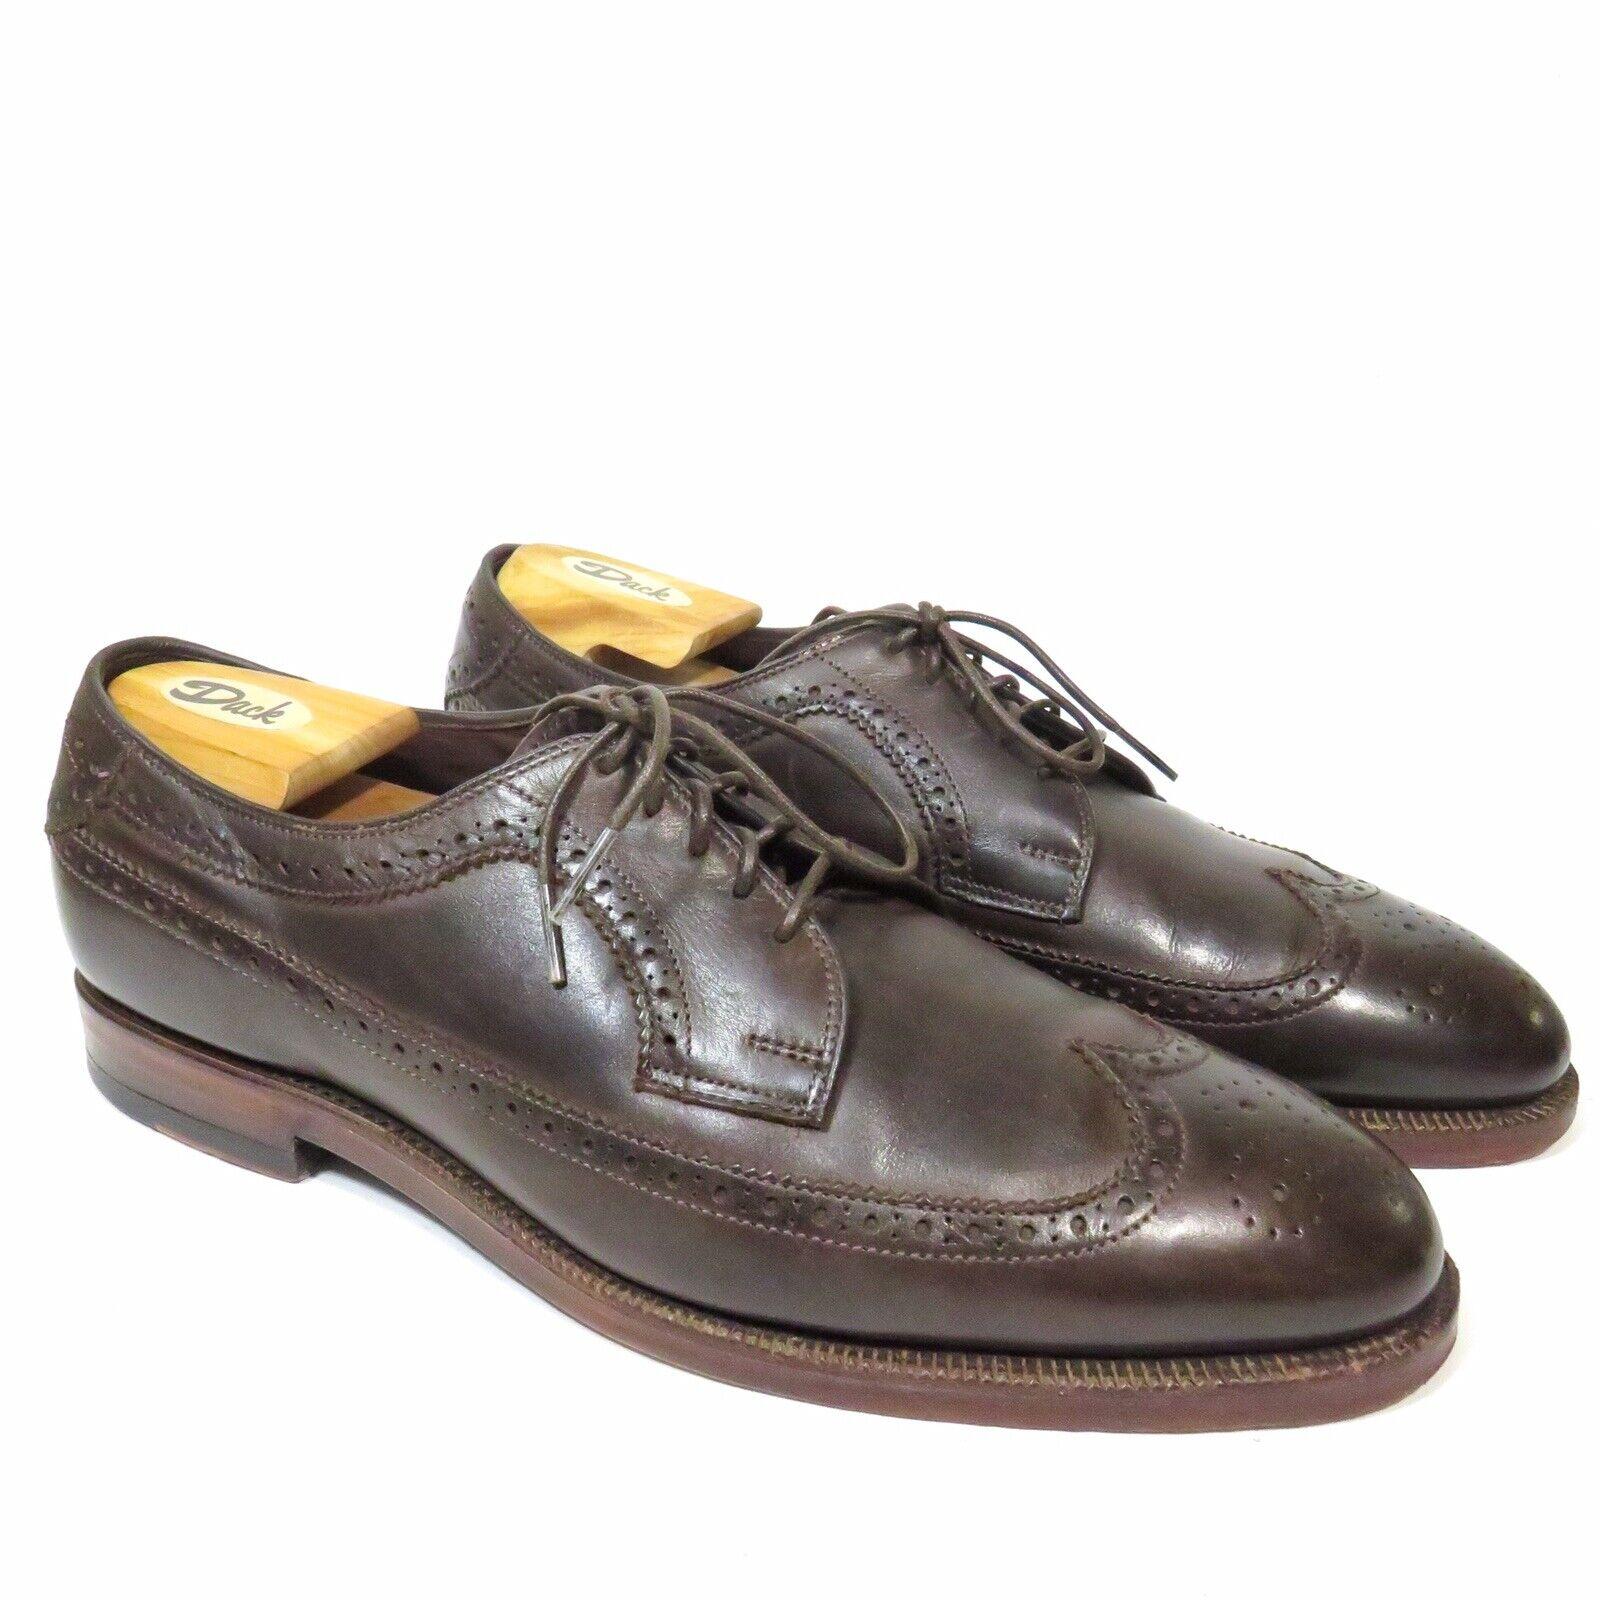 Allen Edmonds The  Williams Marronee Leather scarpe - Dimensione 12D - USA  vendita scontata